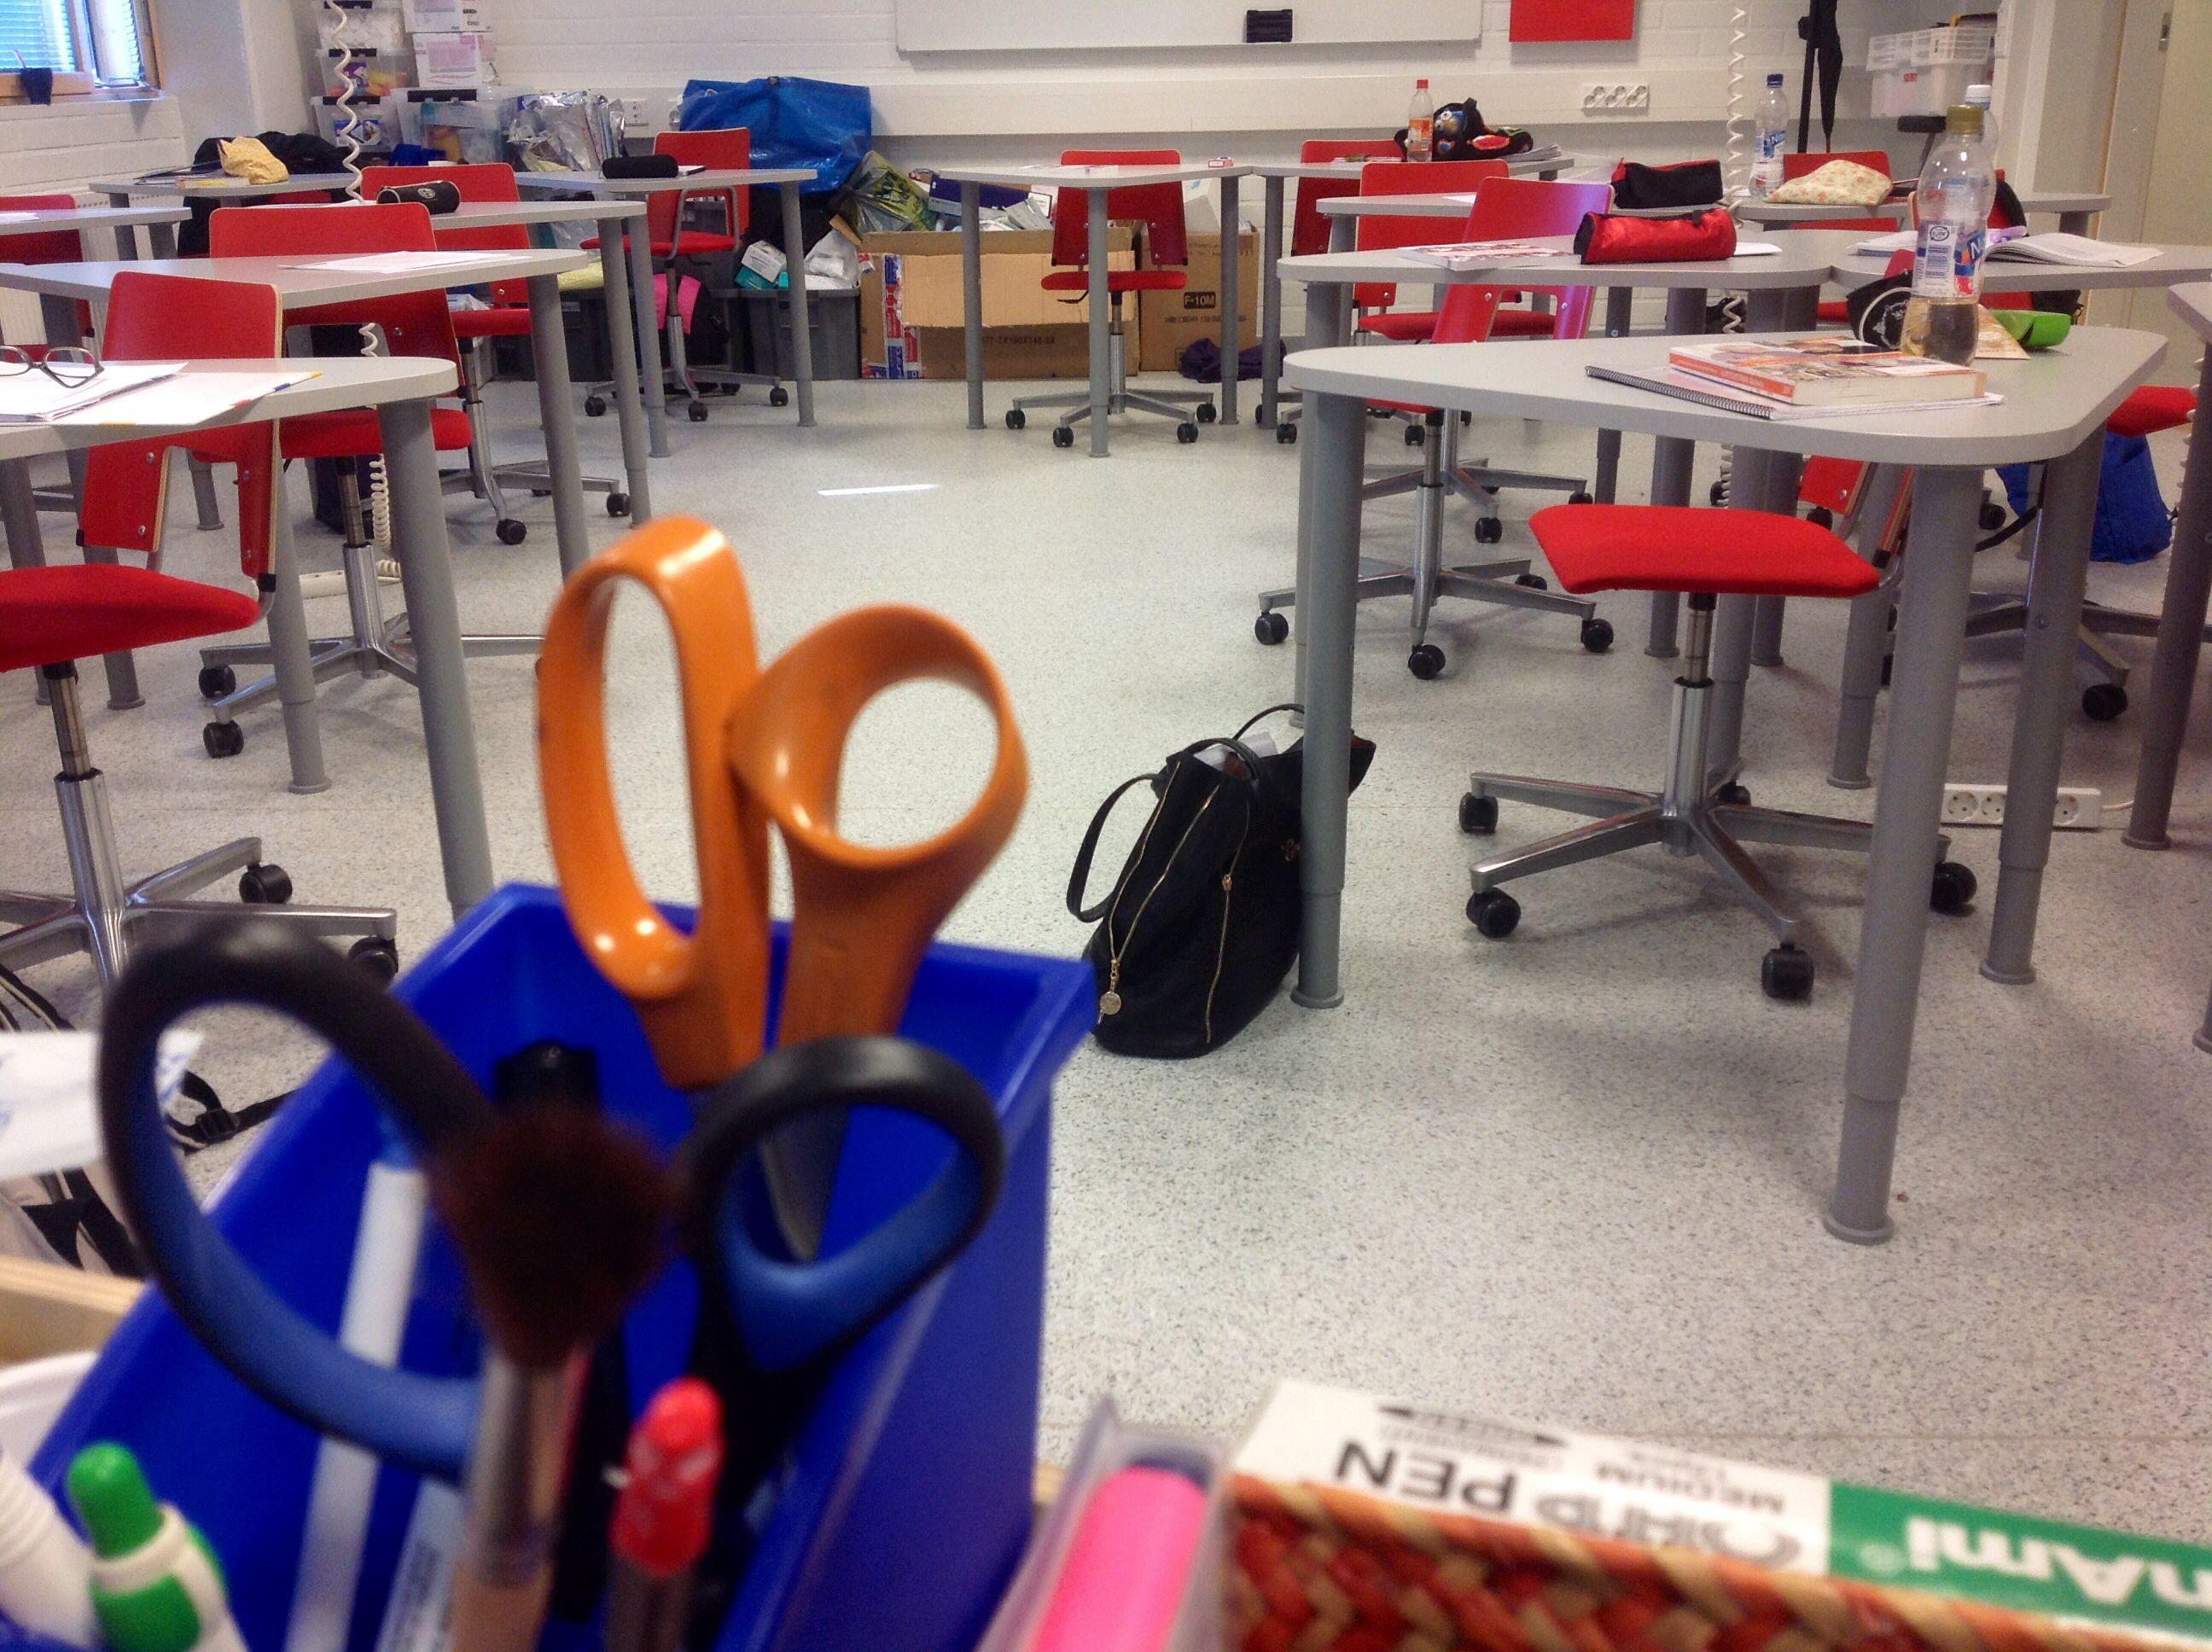 Välitunti! / Break between lectures!  #koulu #välitunti #hoitaja #opettaja #break #teacher #nurse #school